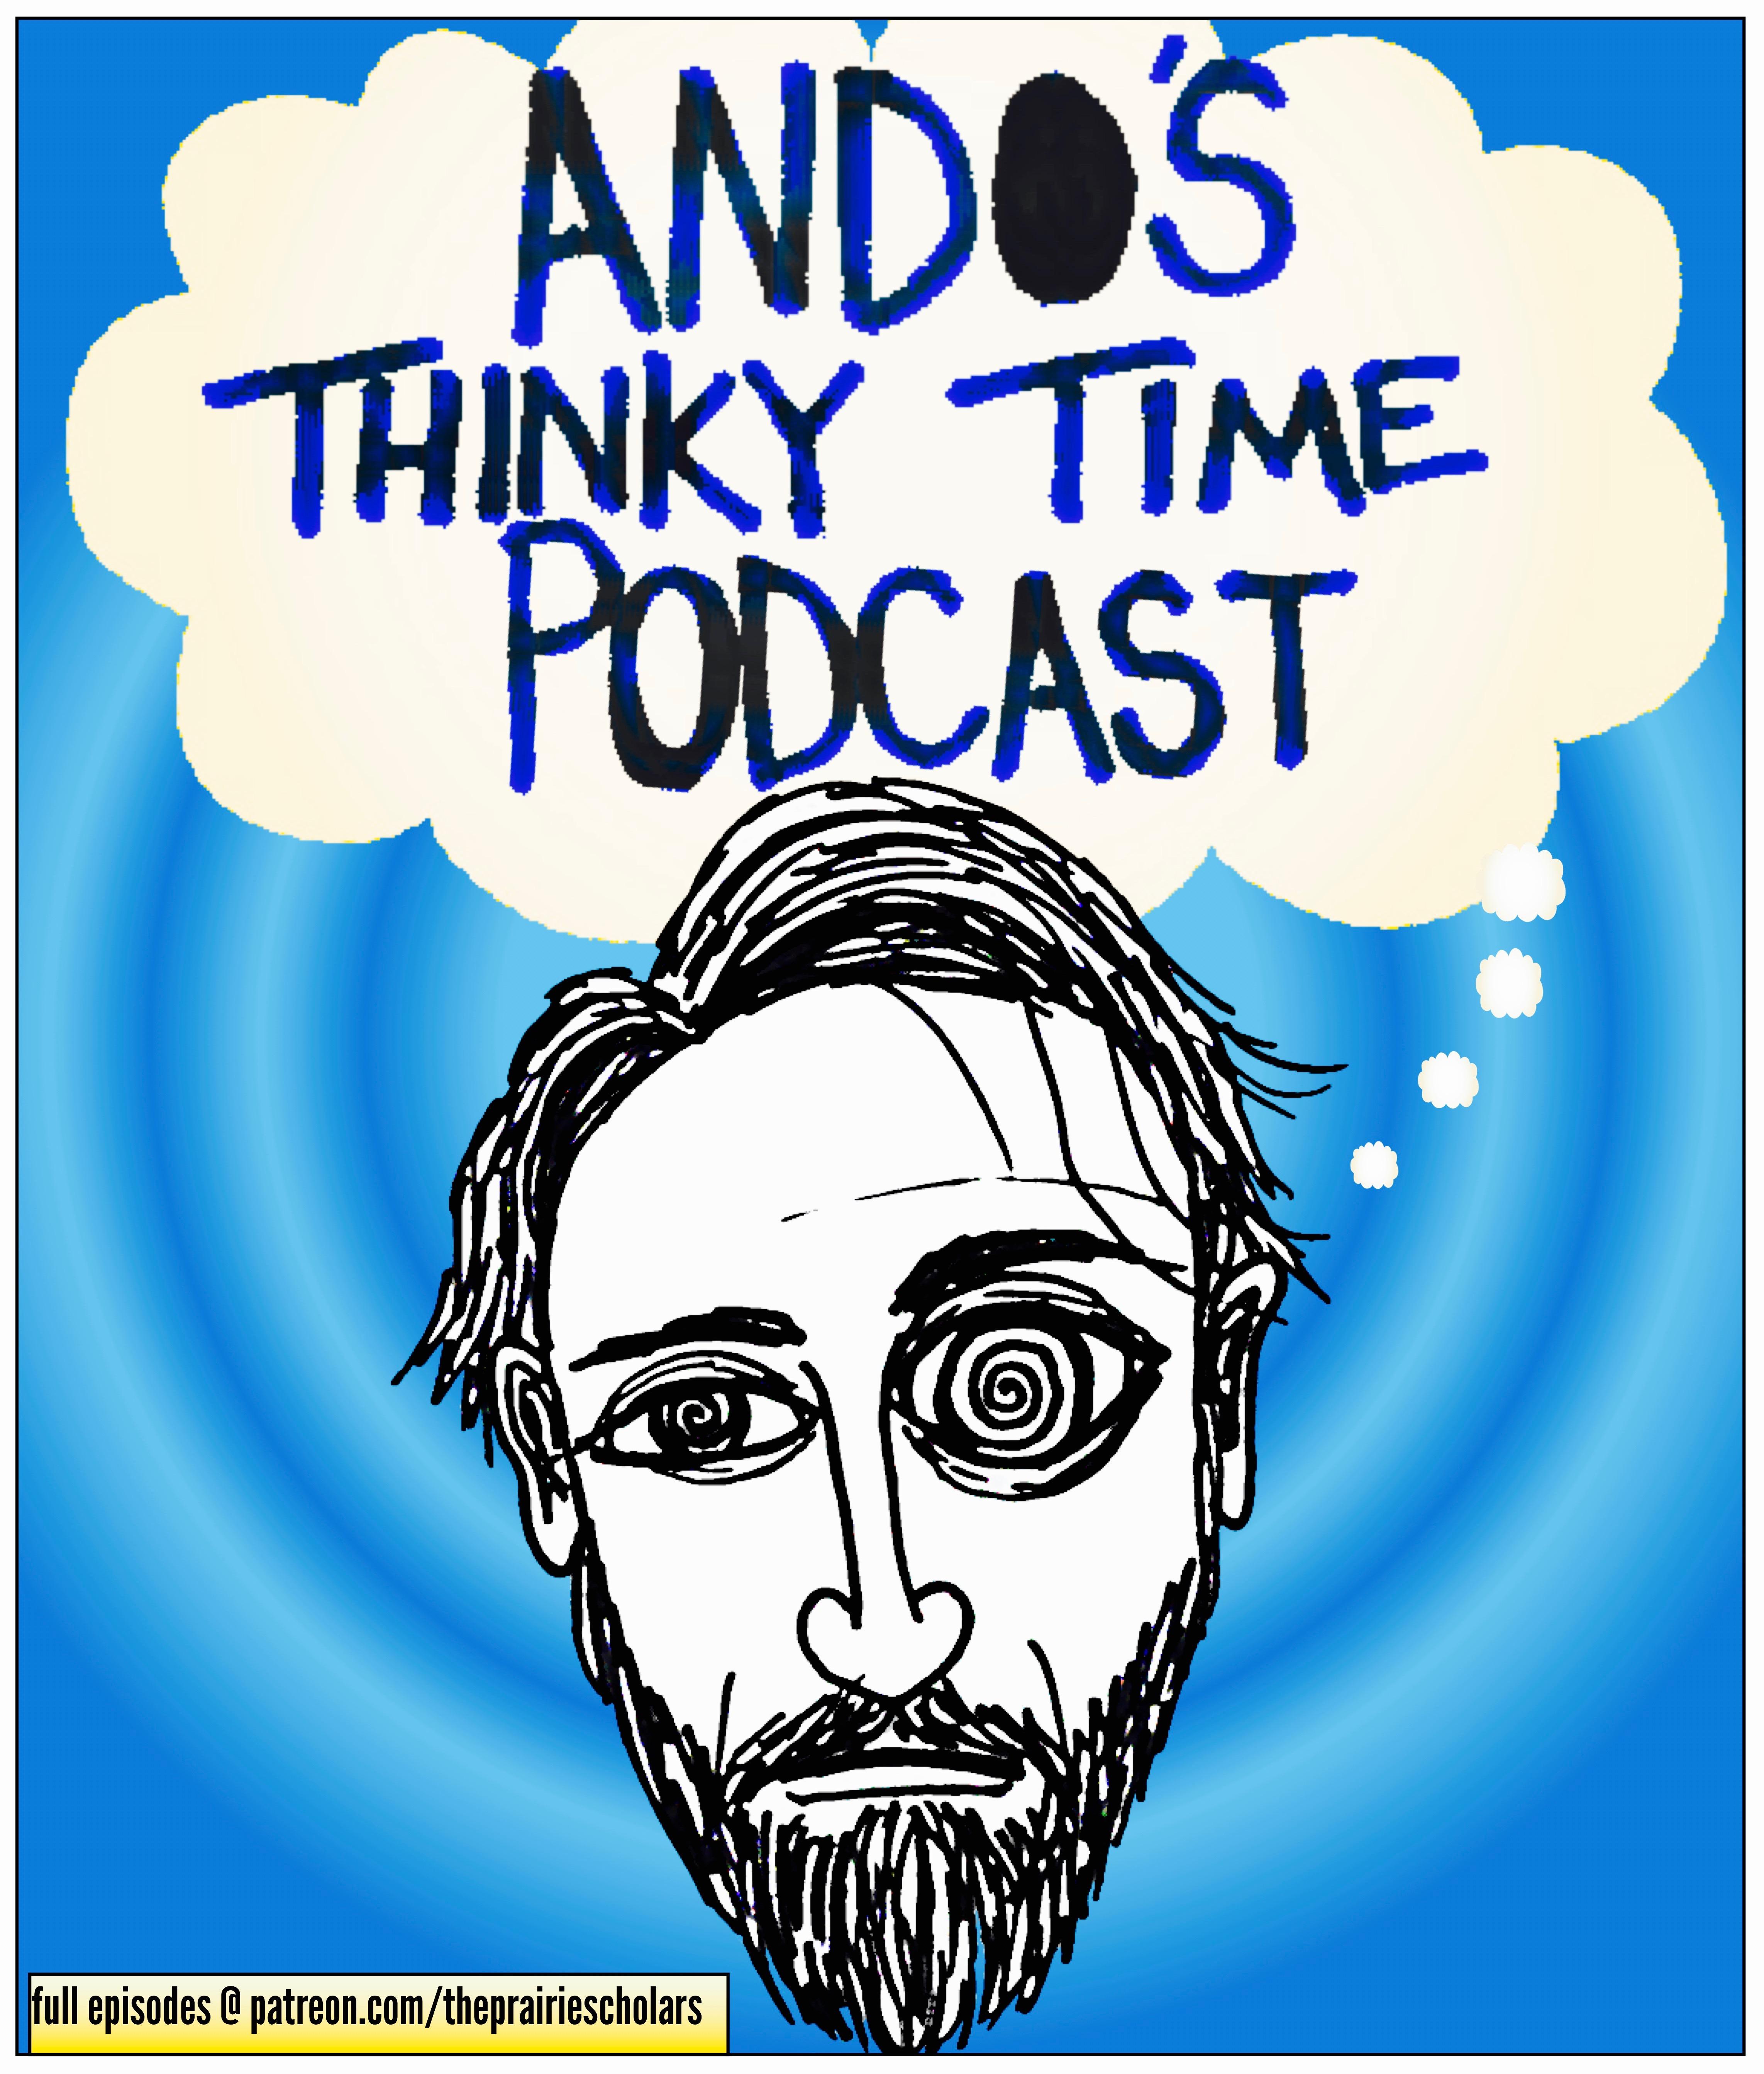 ANDO   All Original Art by Andy Eppler aka ANDO   Podcasts